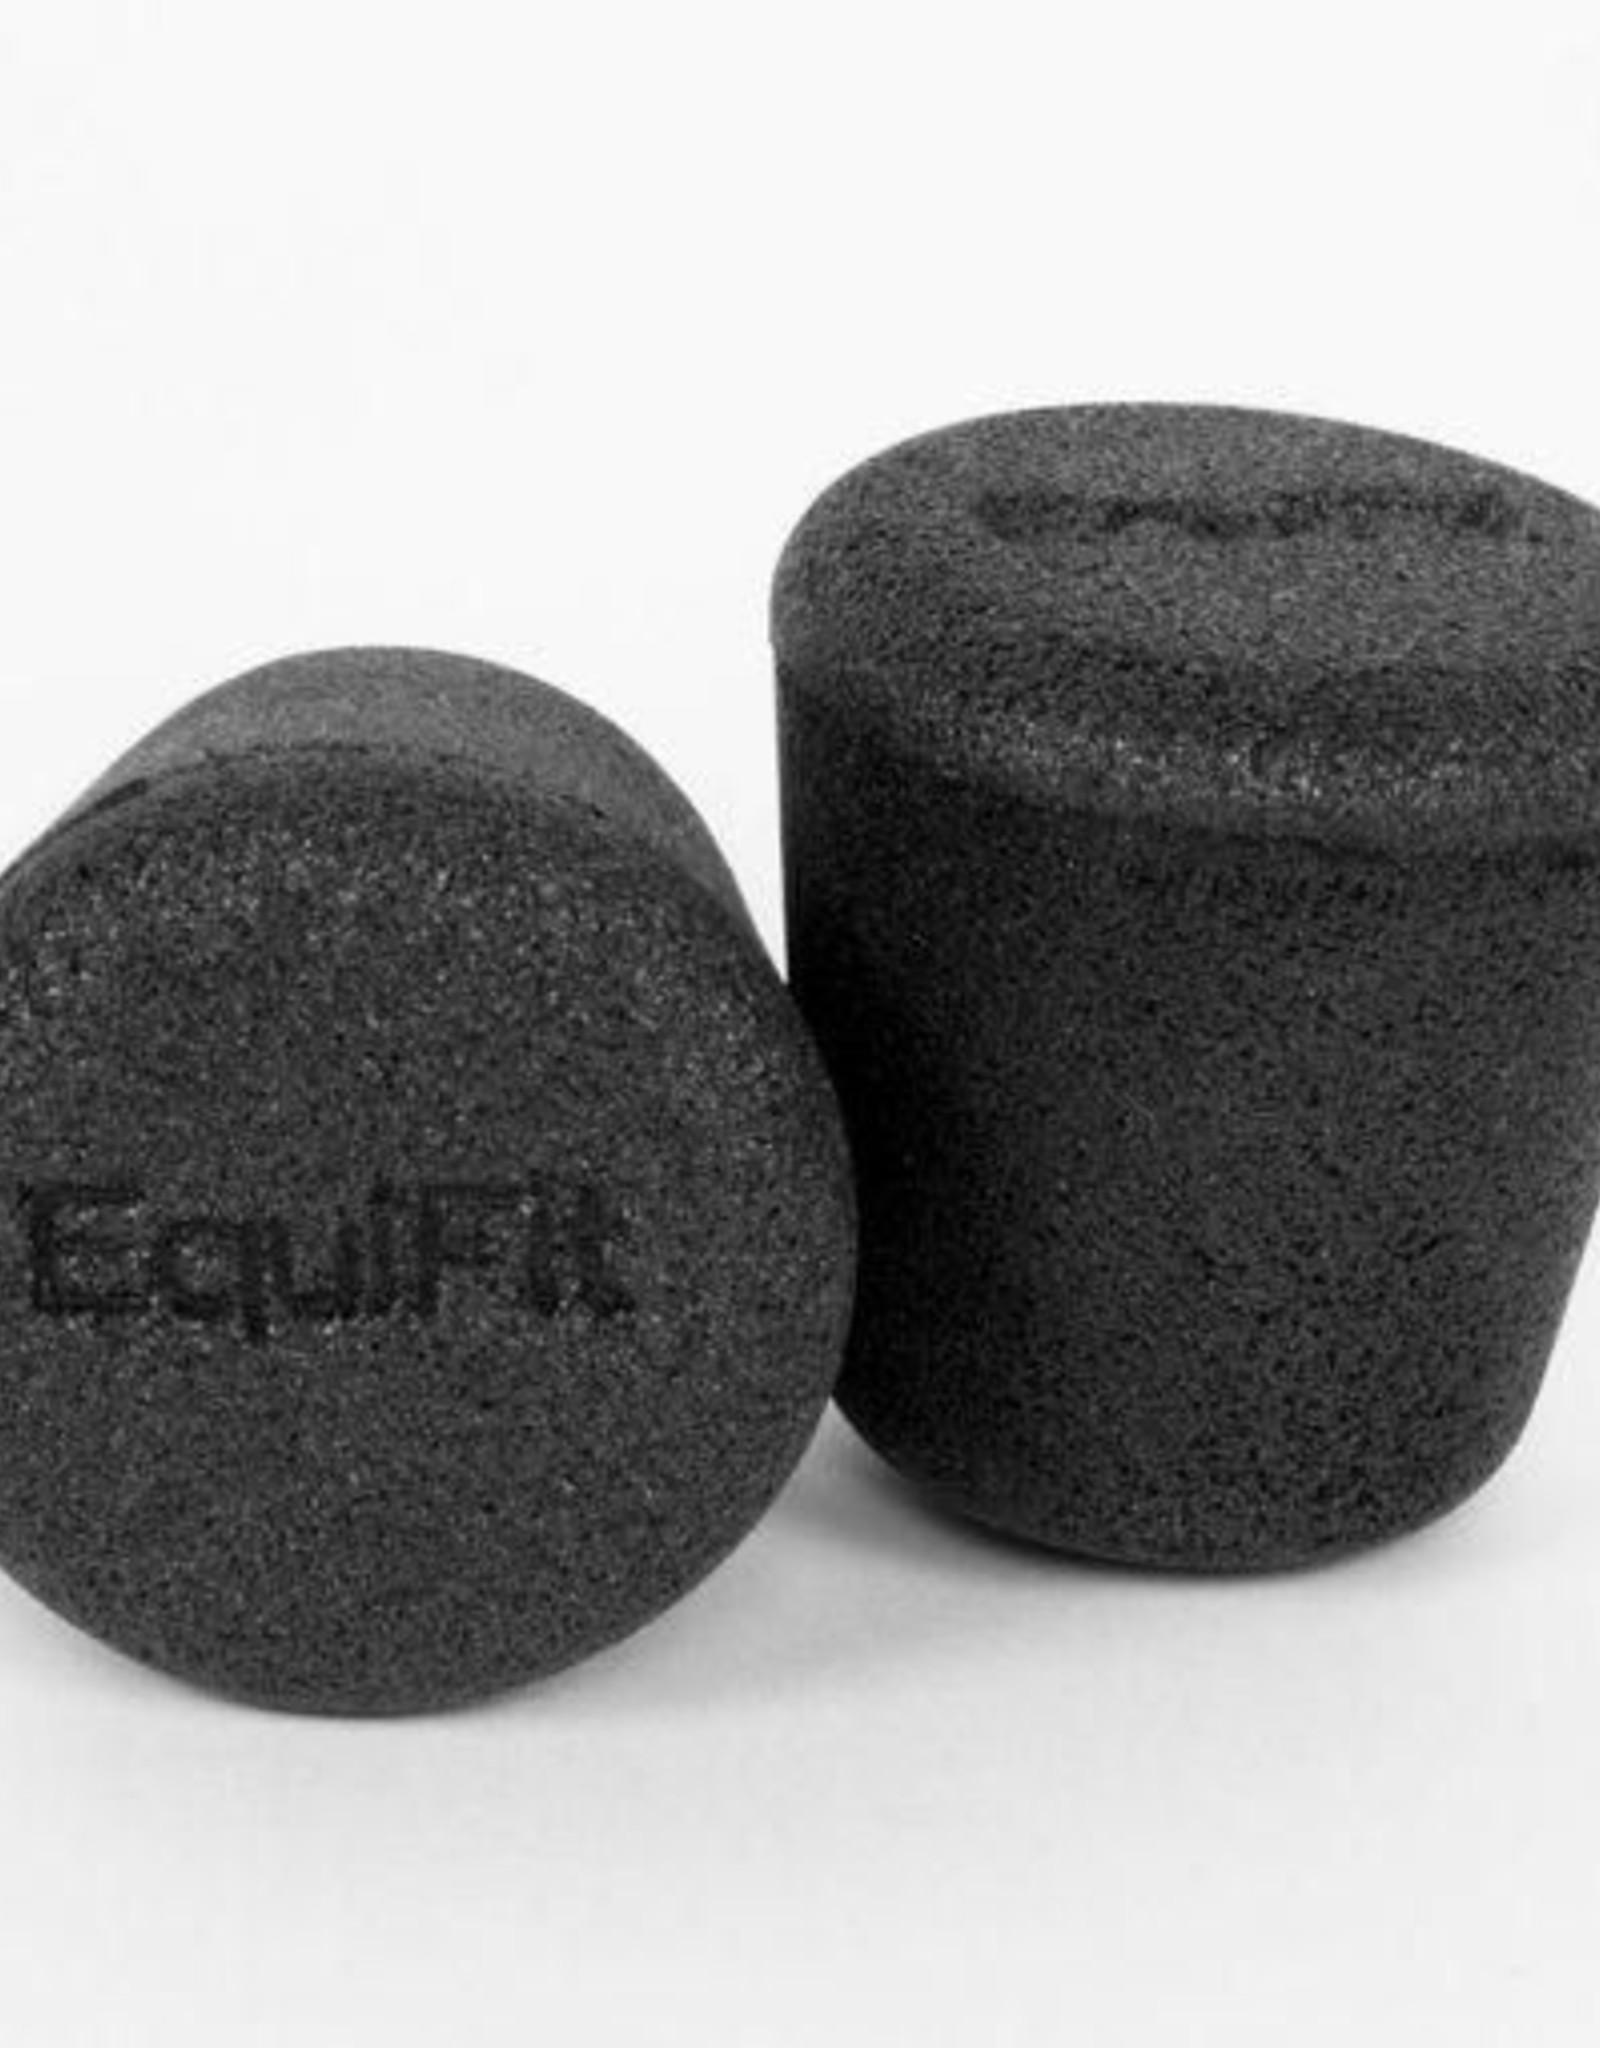 EquiFit SilentFit Earplugs